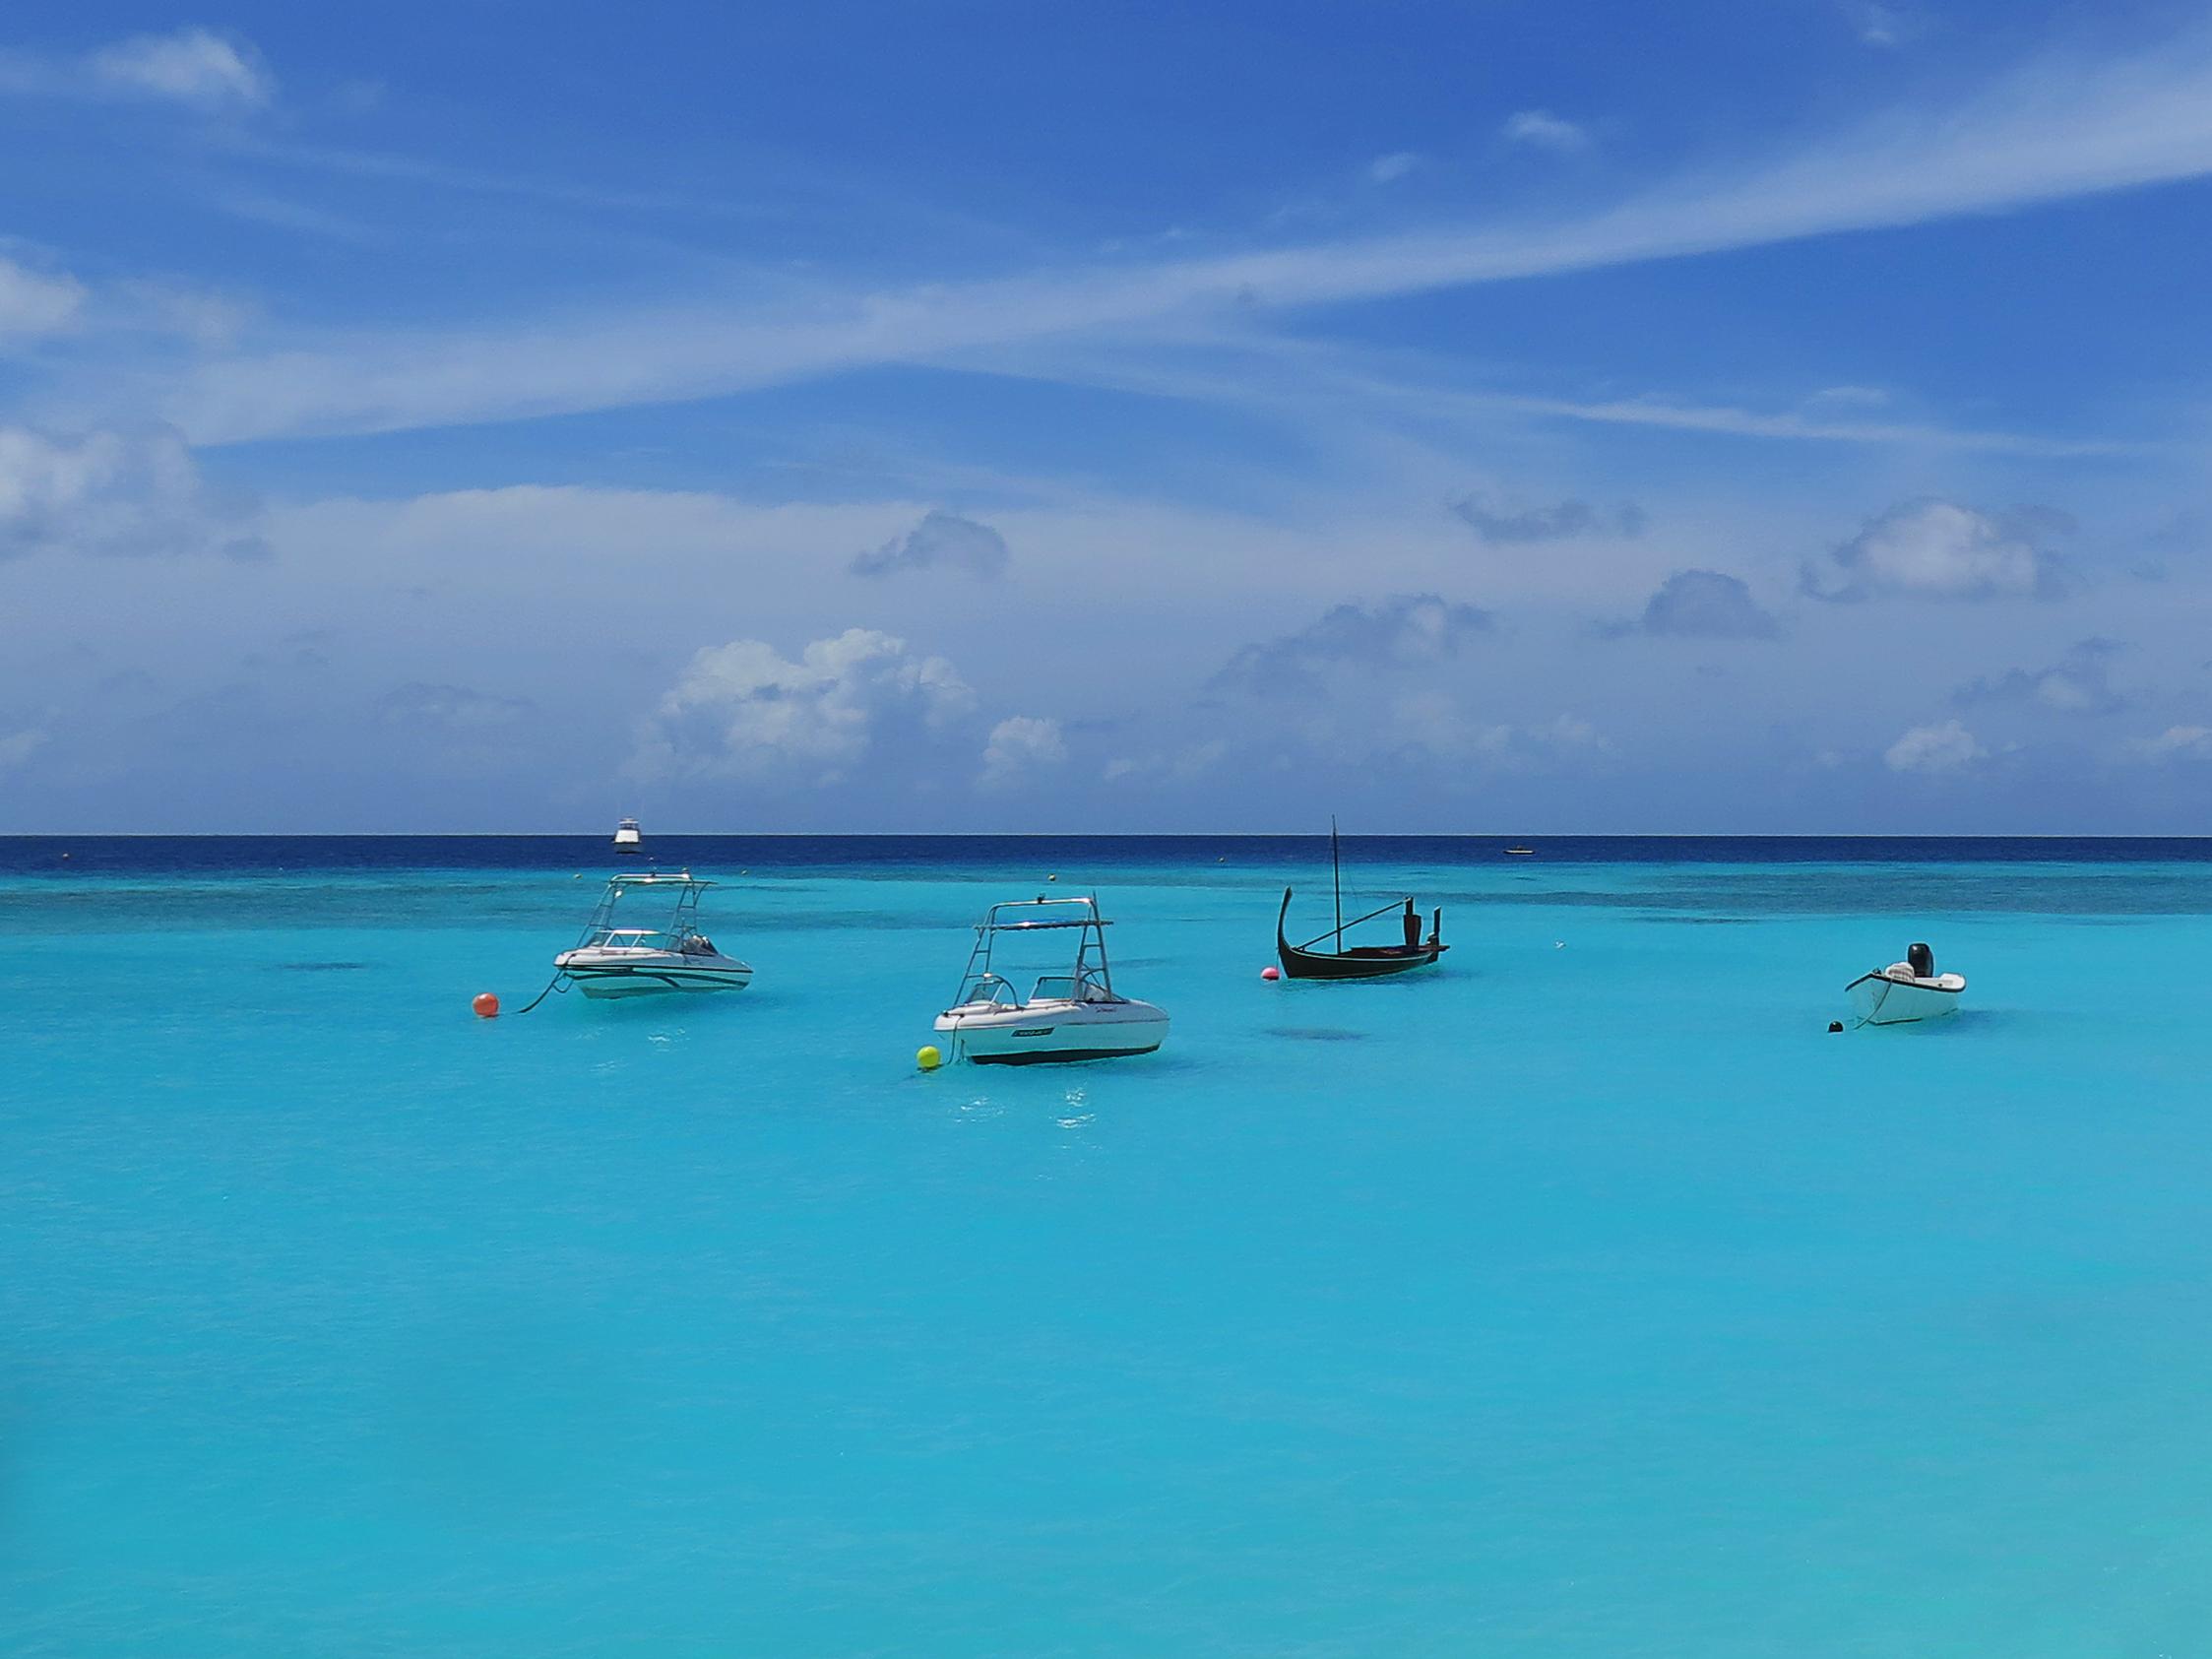 150 дней в раю или будни дайвинг инструктора на Мальдивах, часть 2